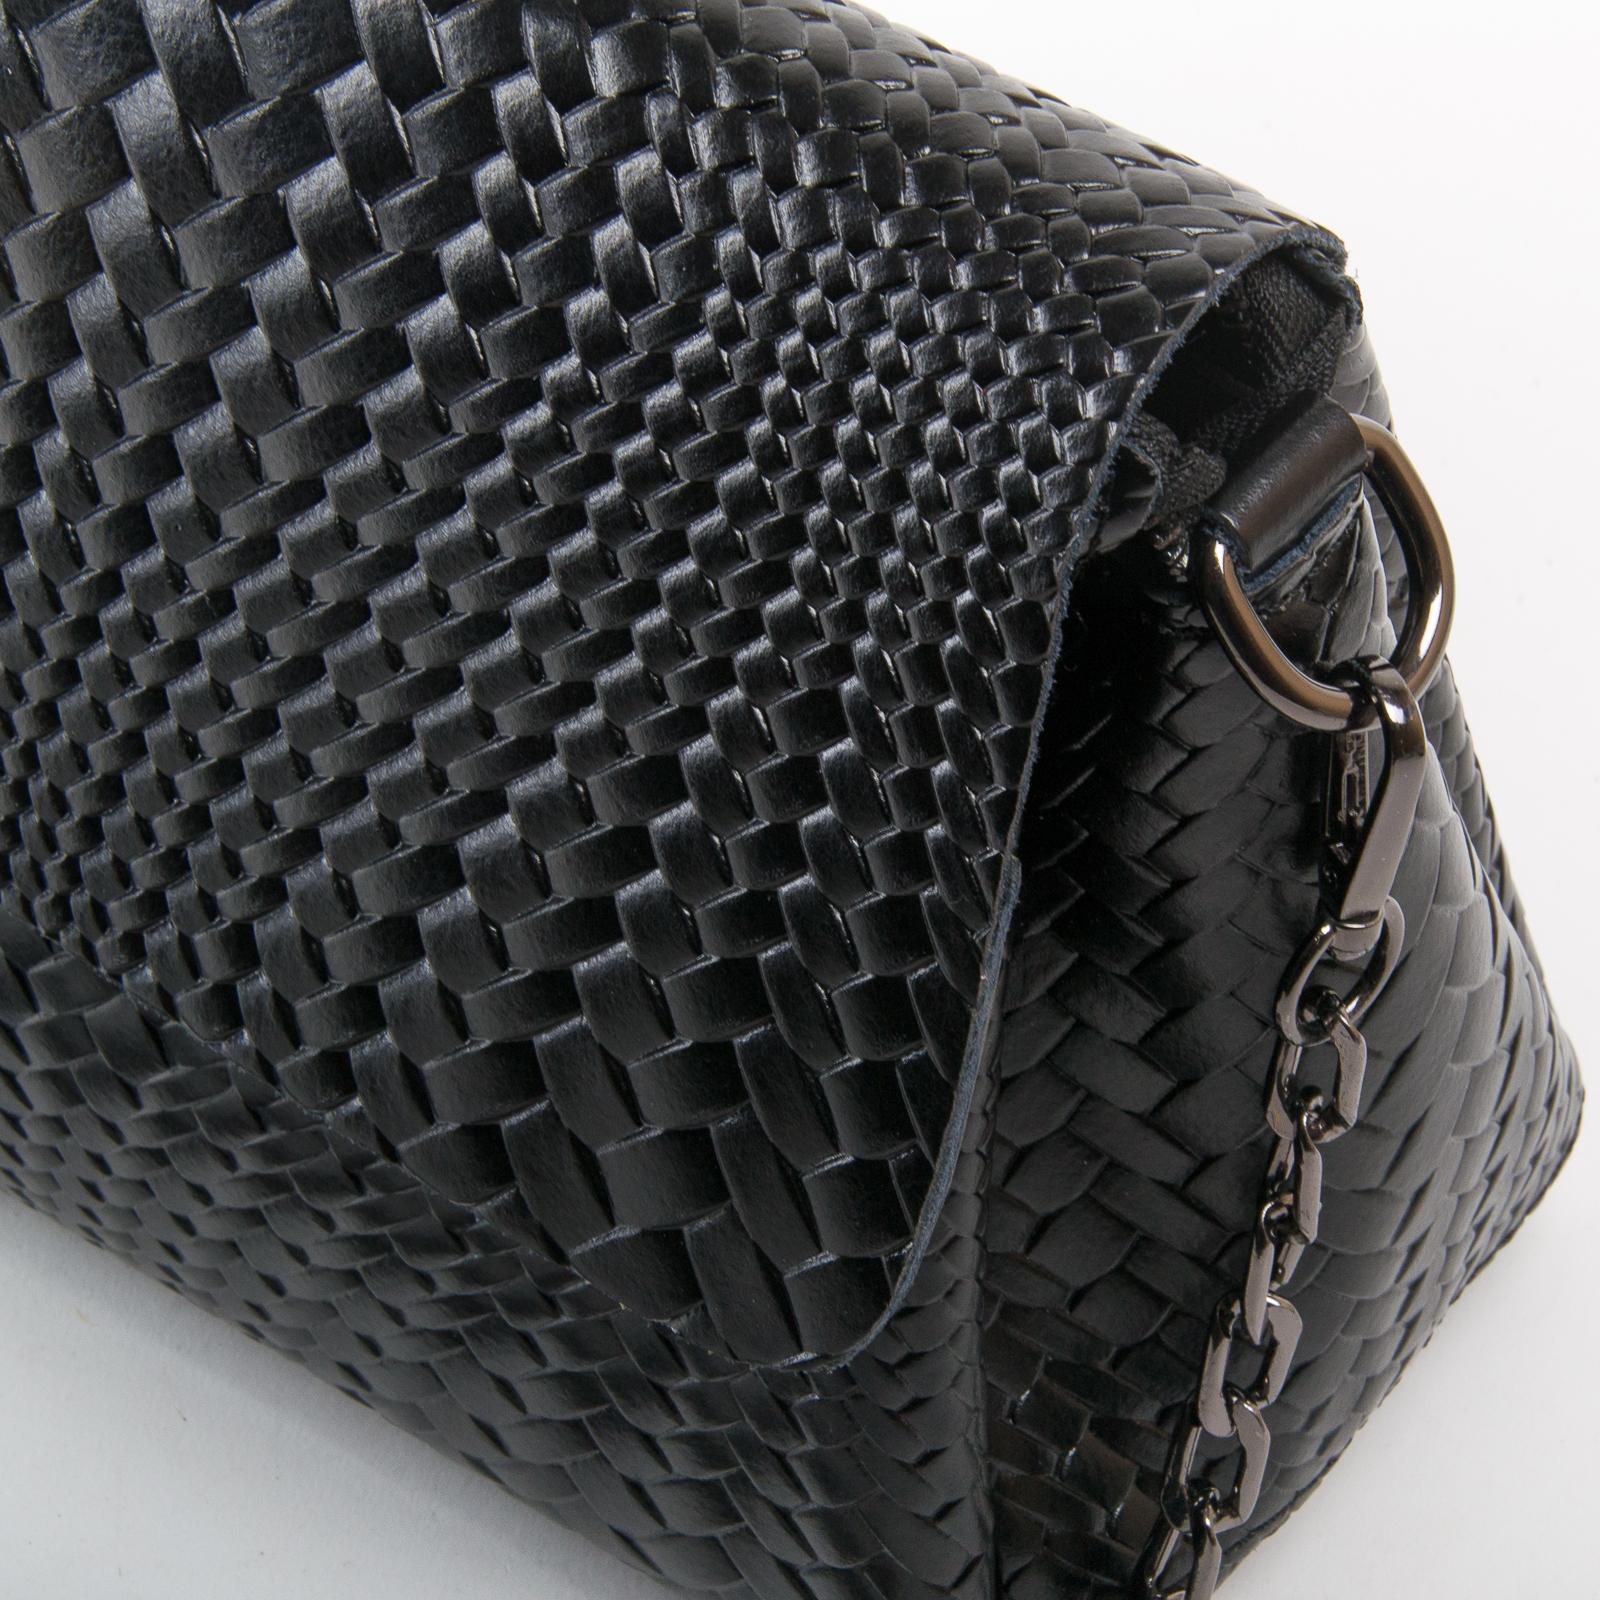 Сумка Женская Классическая кожа ALEX RAI 03-01 J009-1 black - фото 3